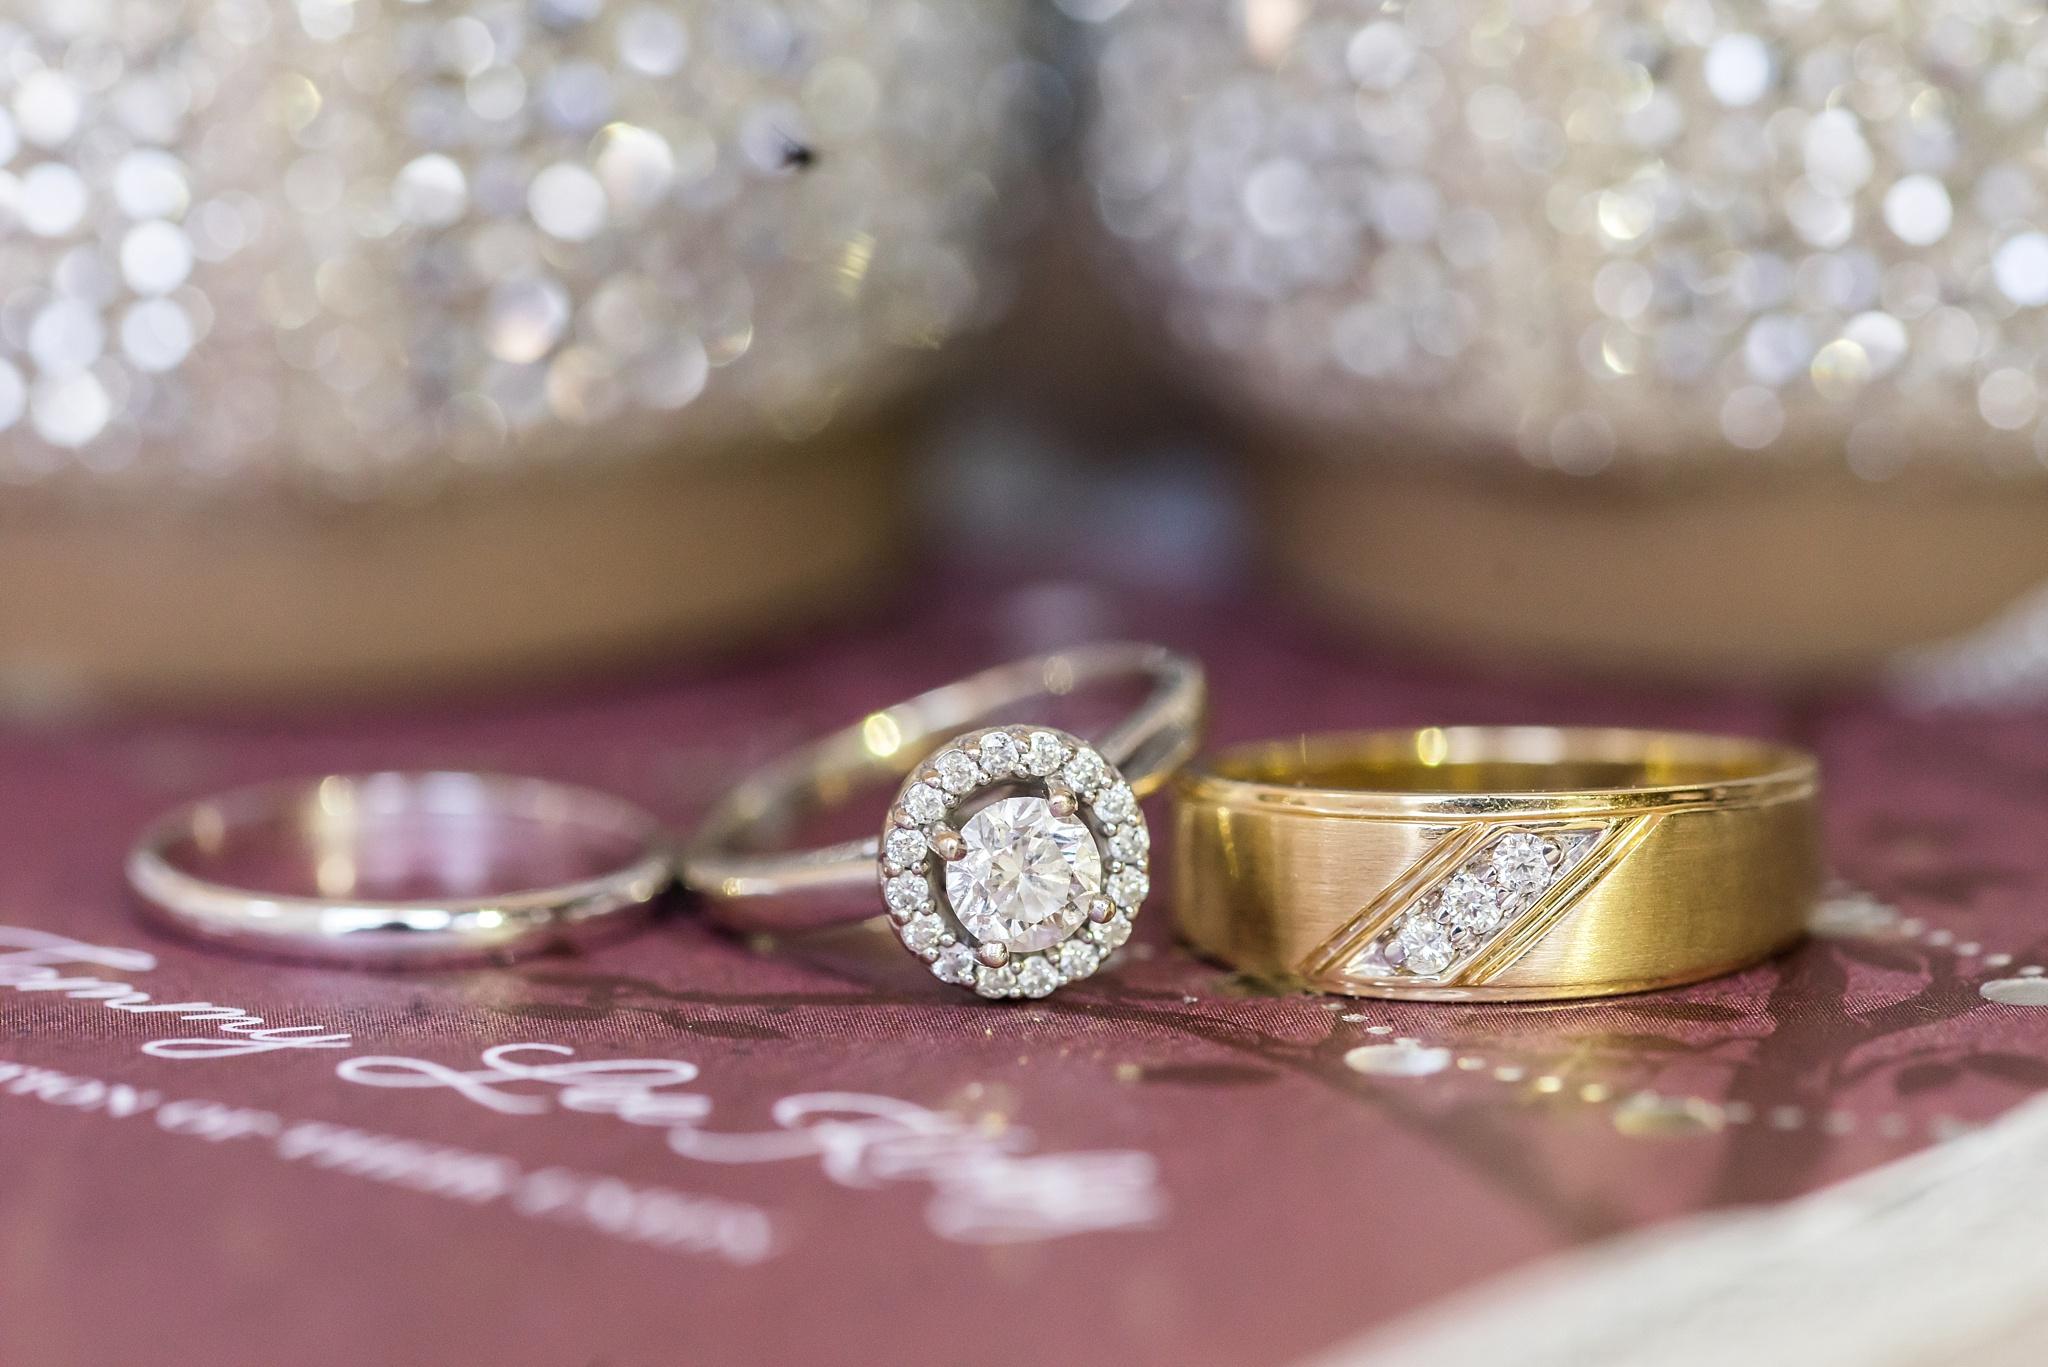 TommyandAmanda_WEDDING_BrienneMichelle_Details_13_BLOG.jpg